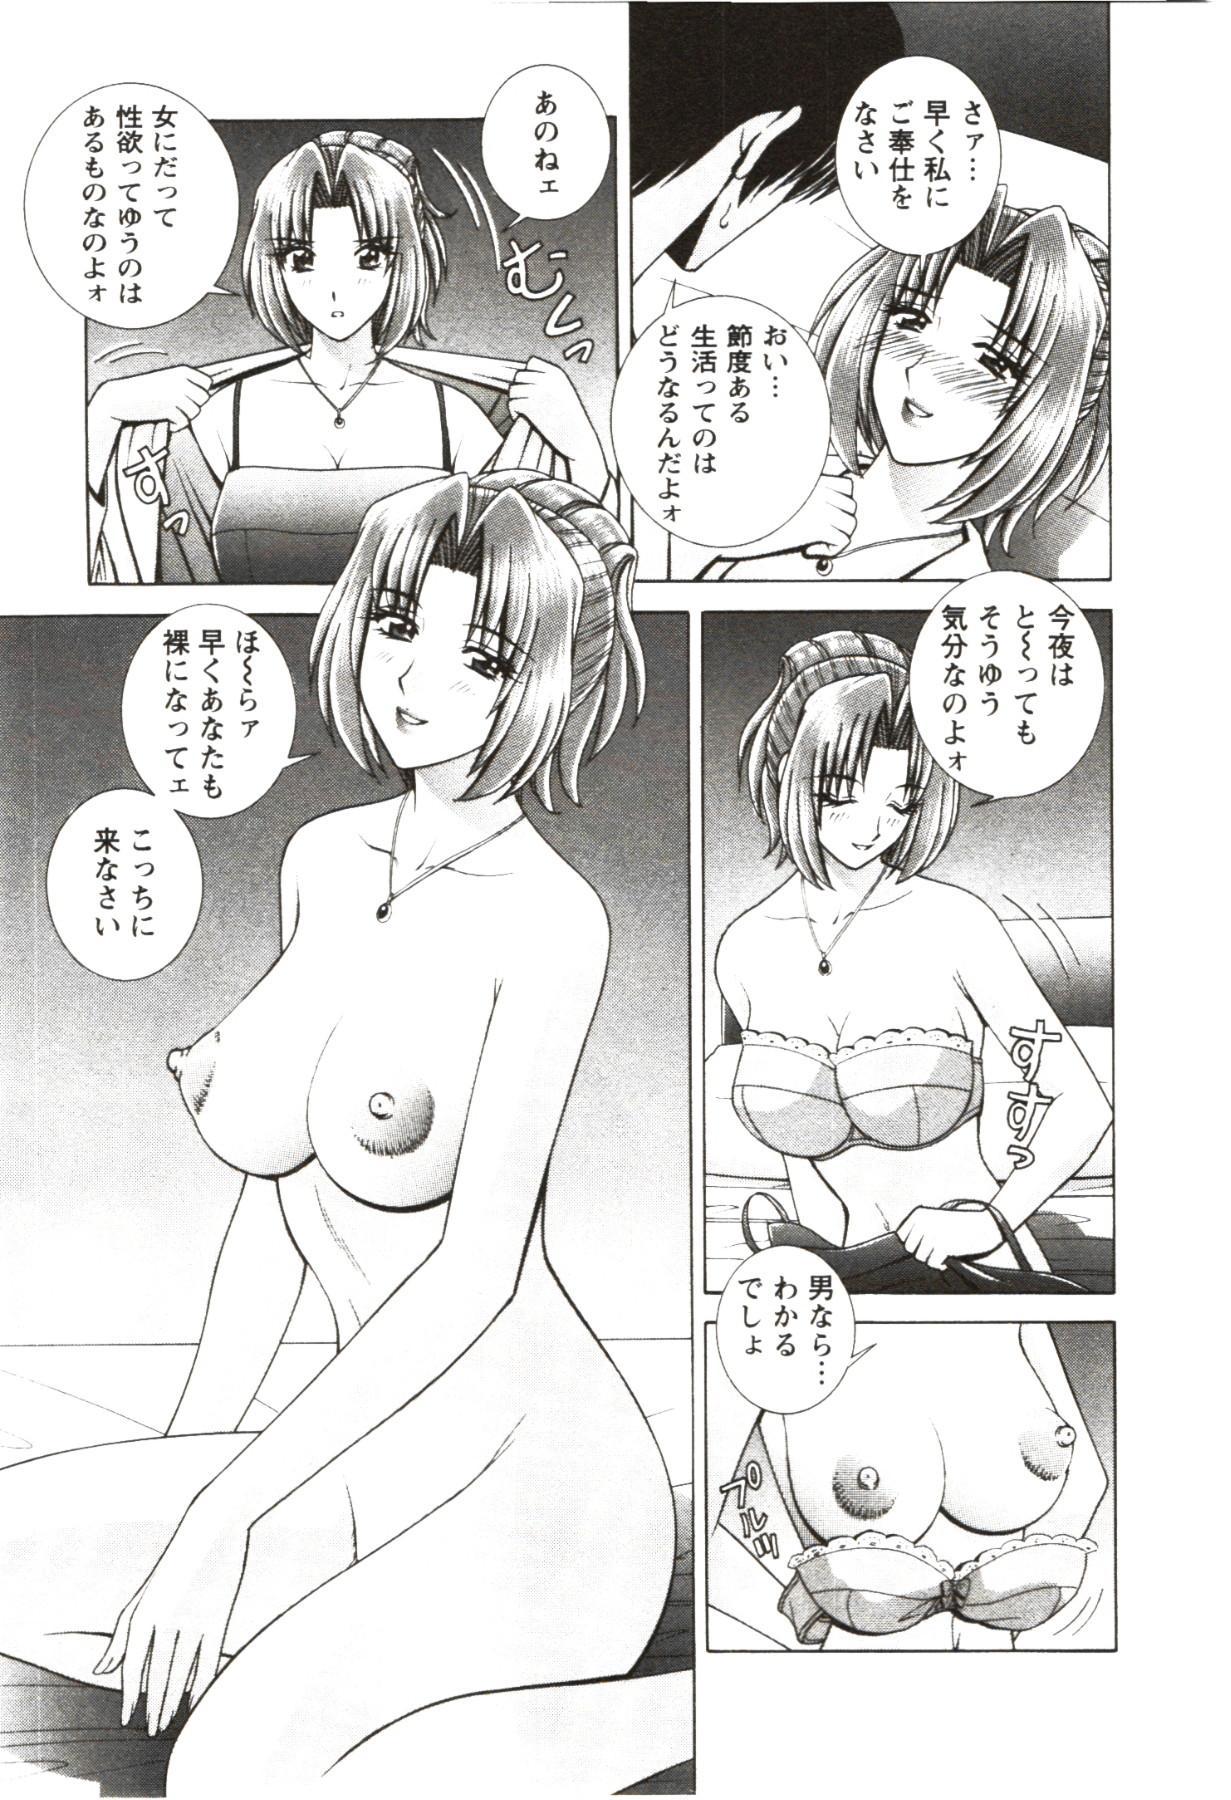 Futarigurashi 30